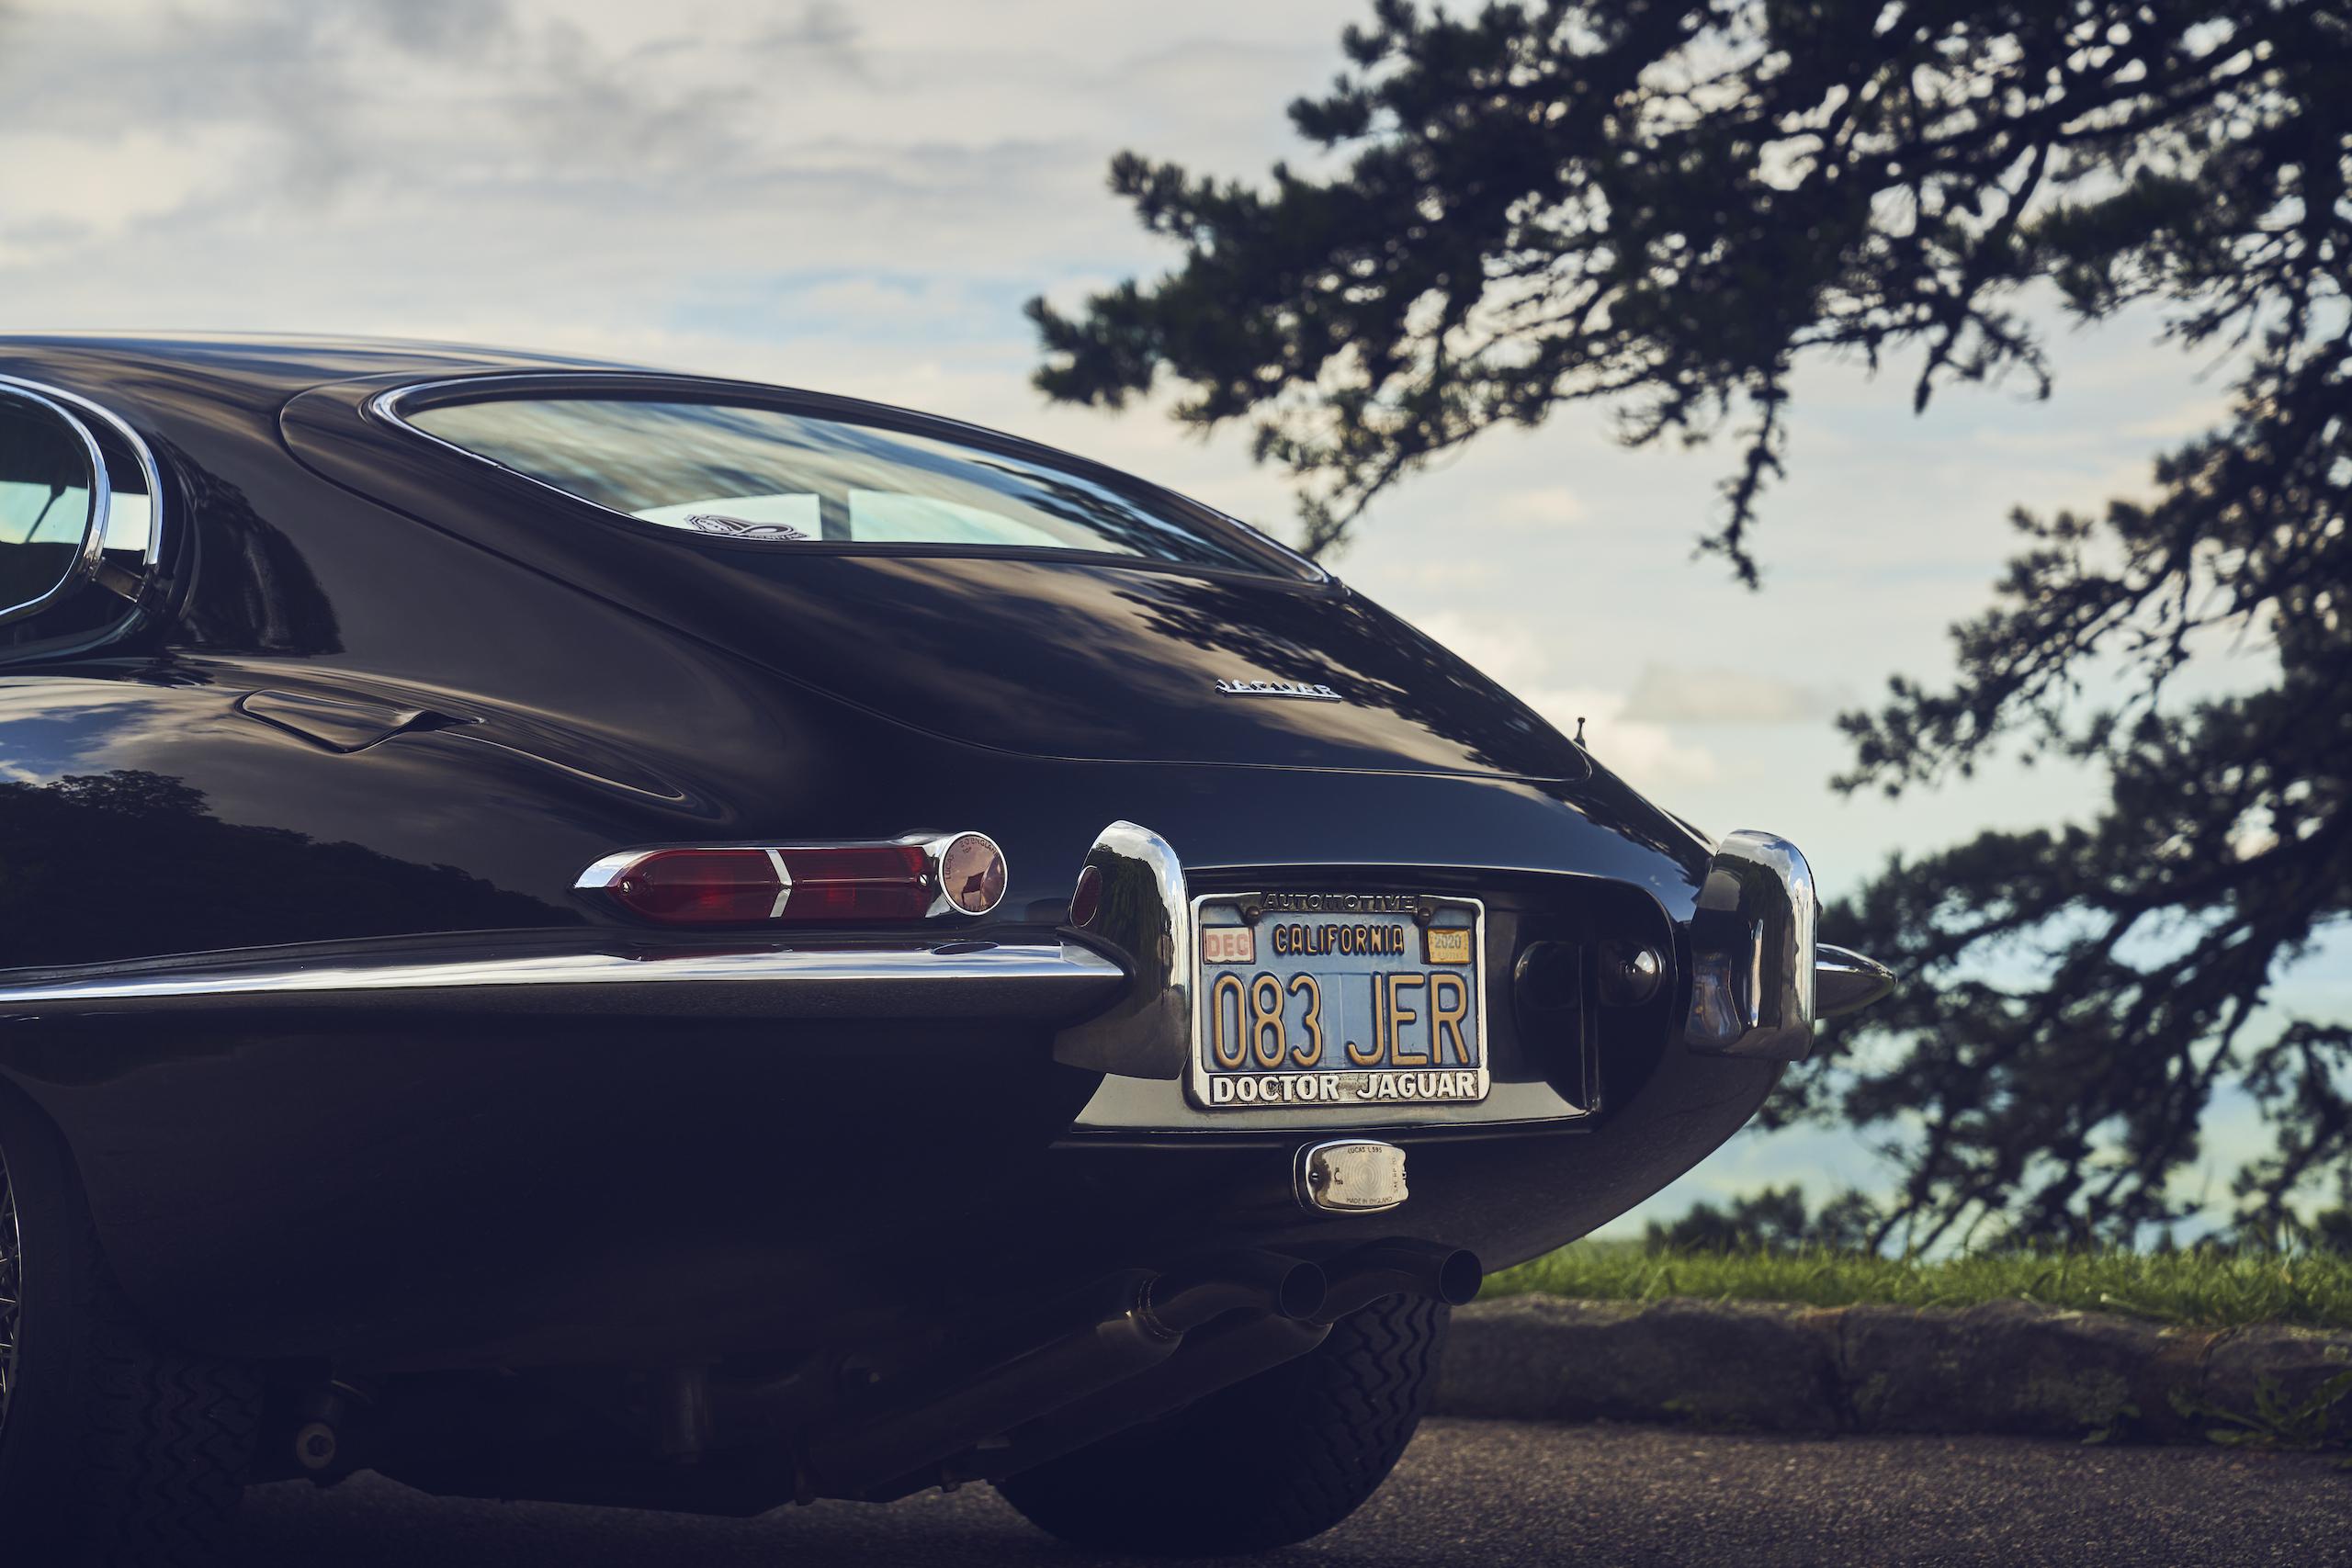 Jaguar E-Type rear end